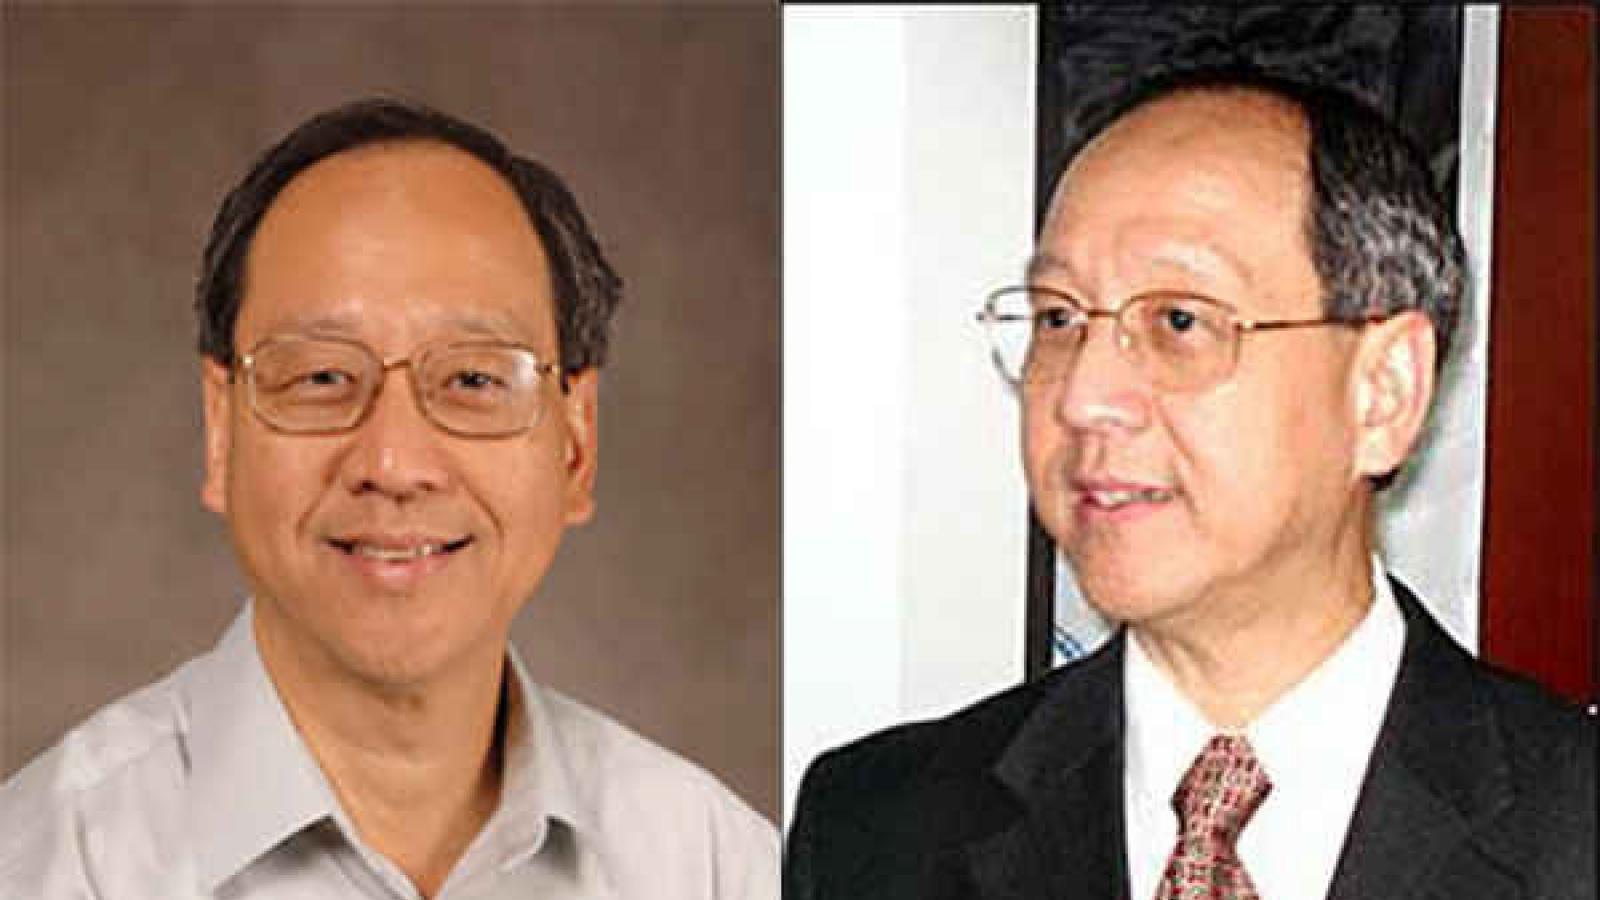 Giáo sư John Vũ-Nguyên Phong - nhà khoa học và dịch giả nổi tiếng Việt Nam